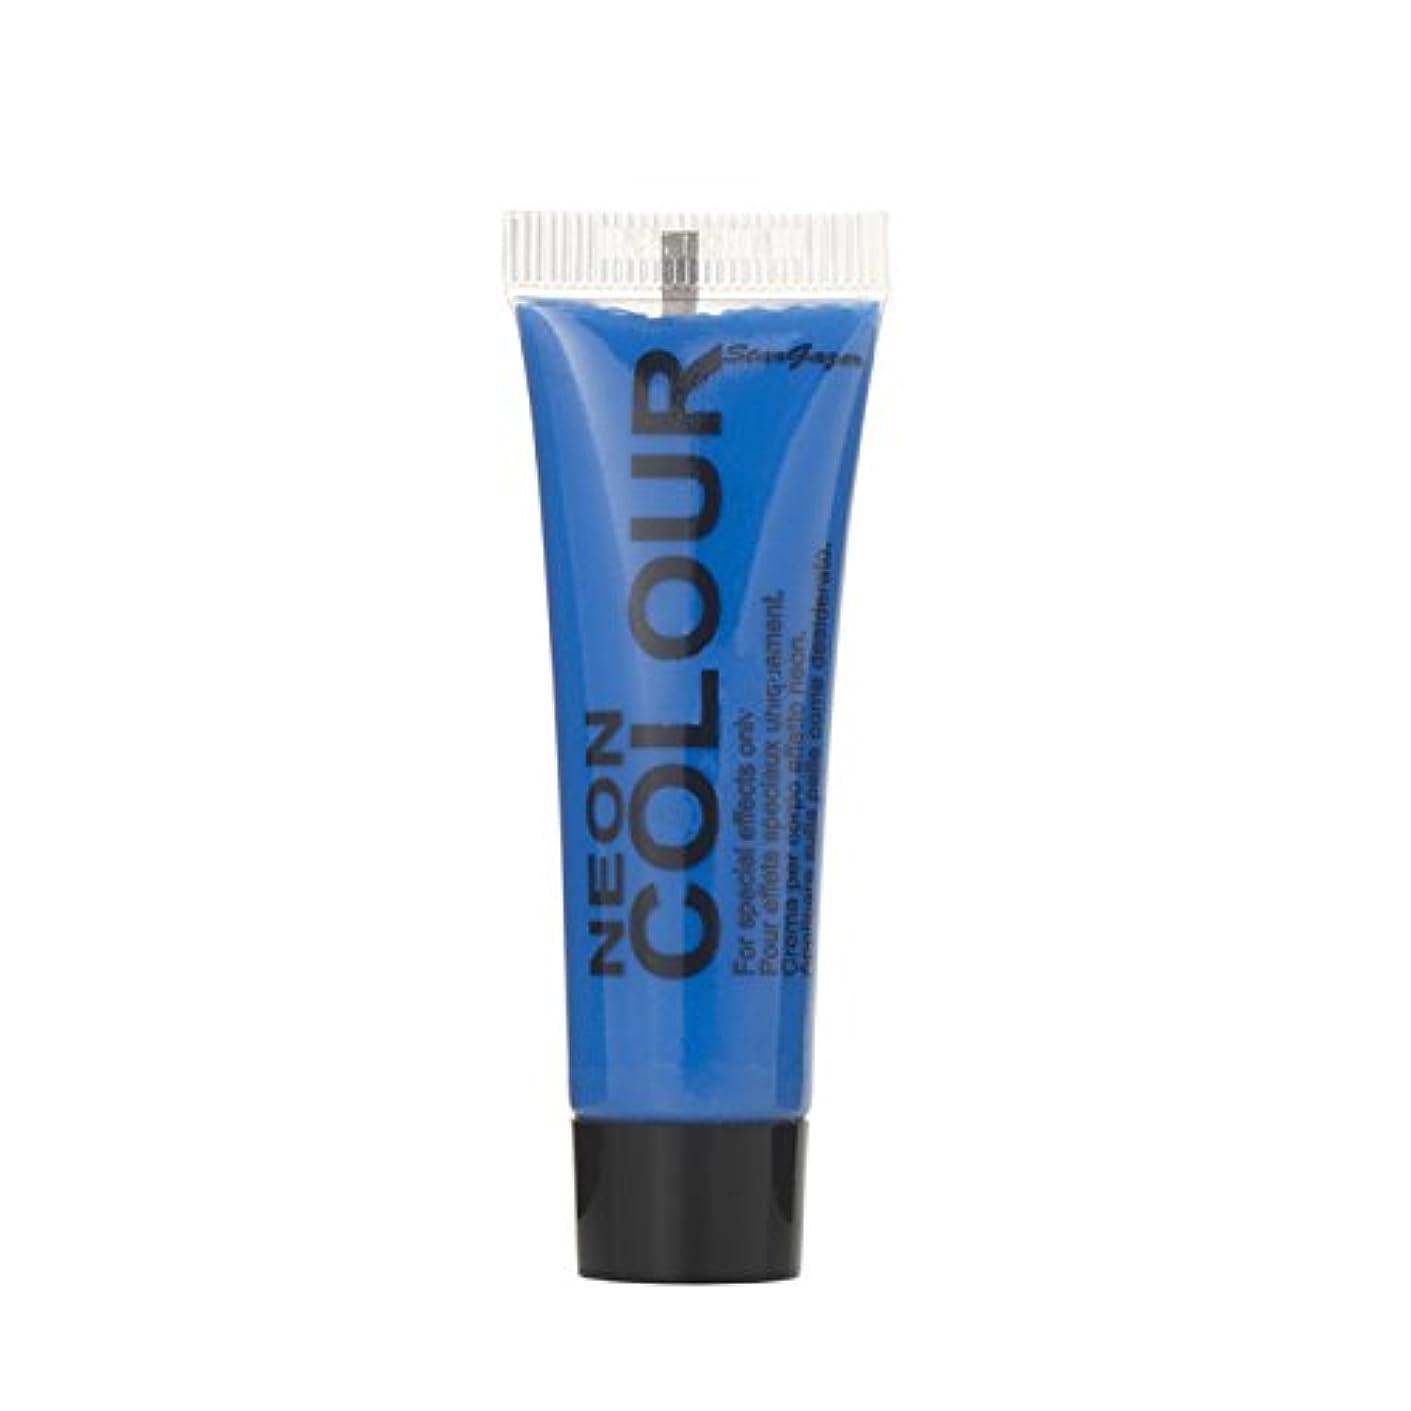 繁殖液体リゾートアレス スターゲイザー ネオンペイント 10ml ブルー(UV)